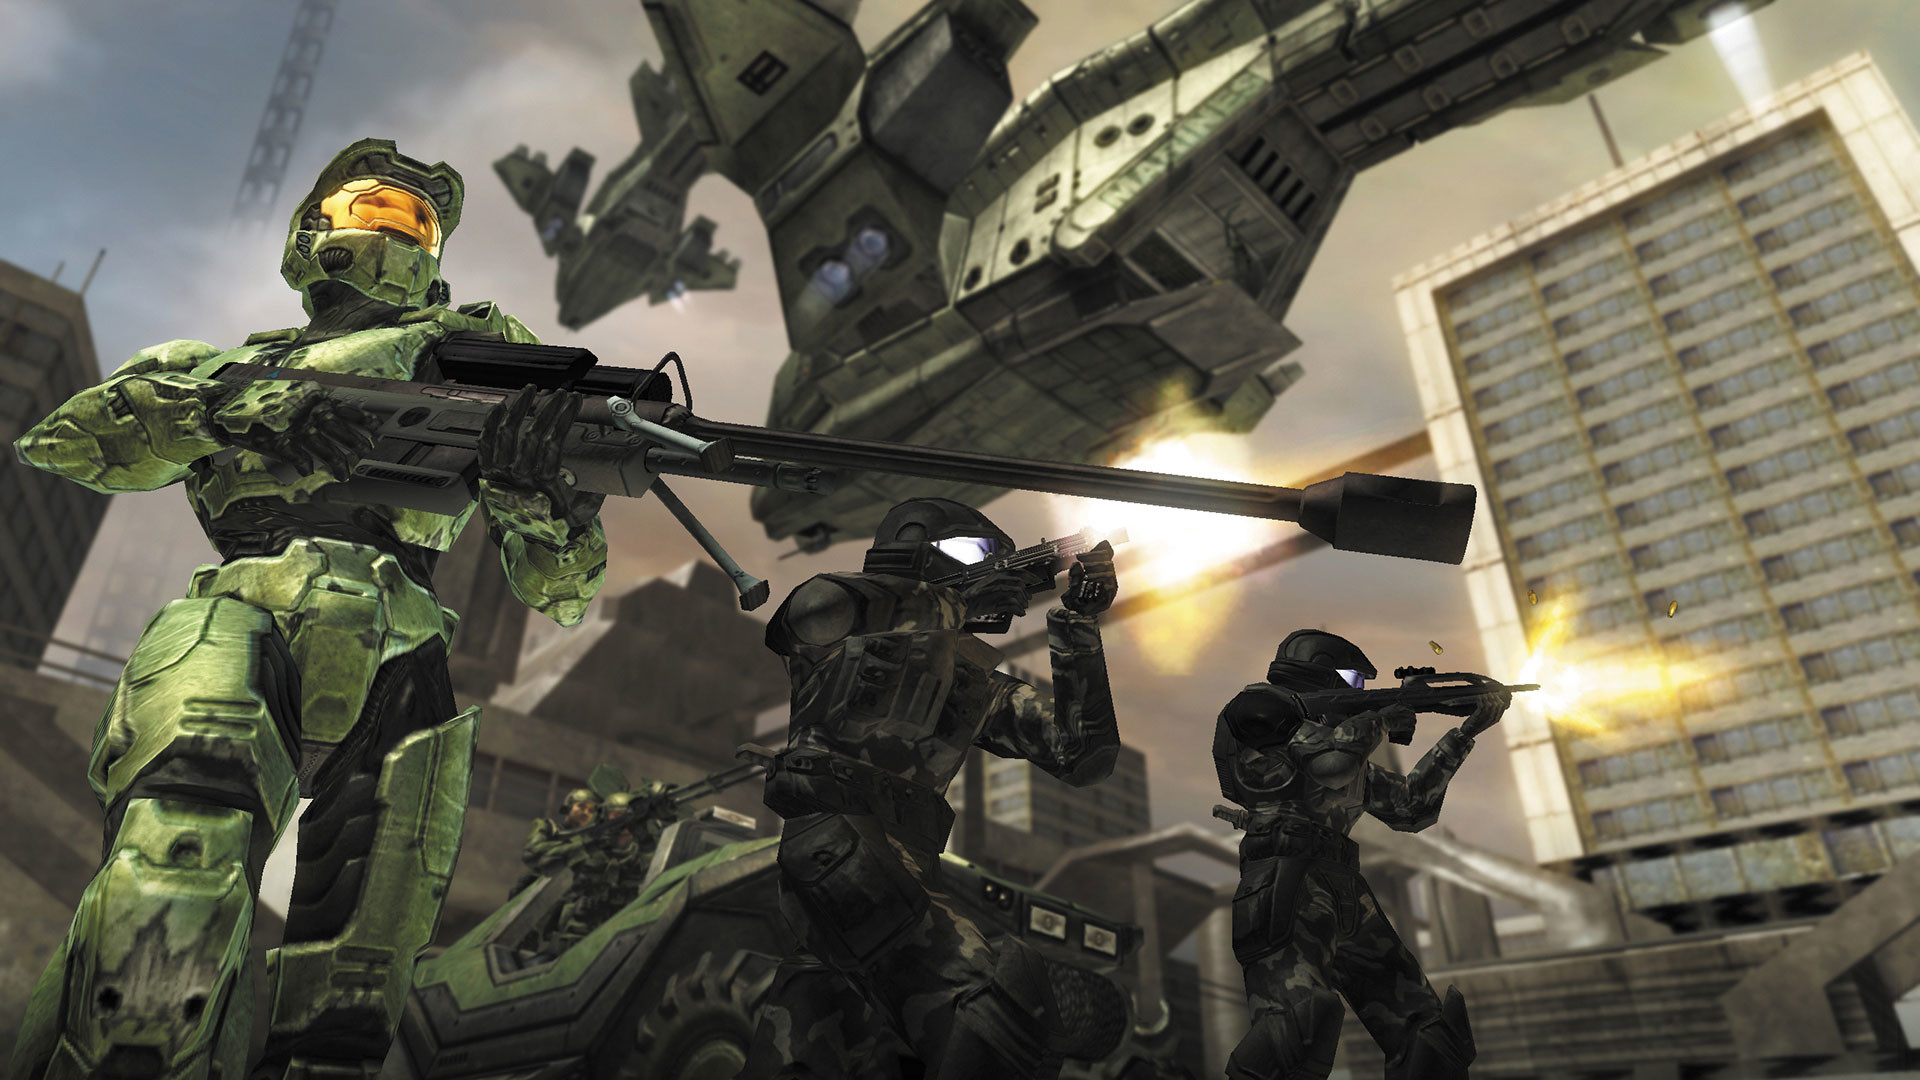 Halo 2 Media Gallery